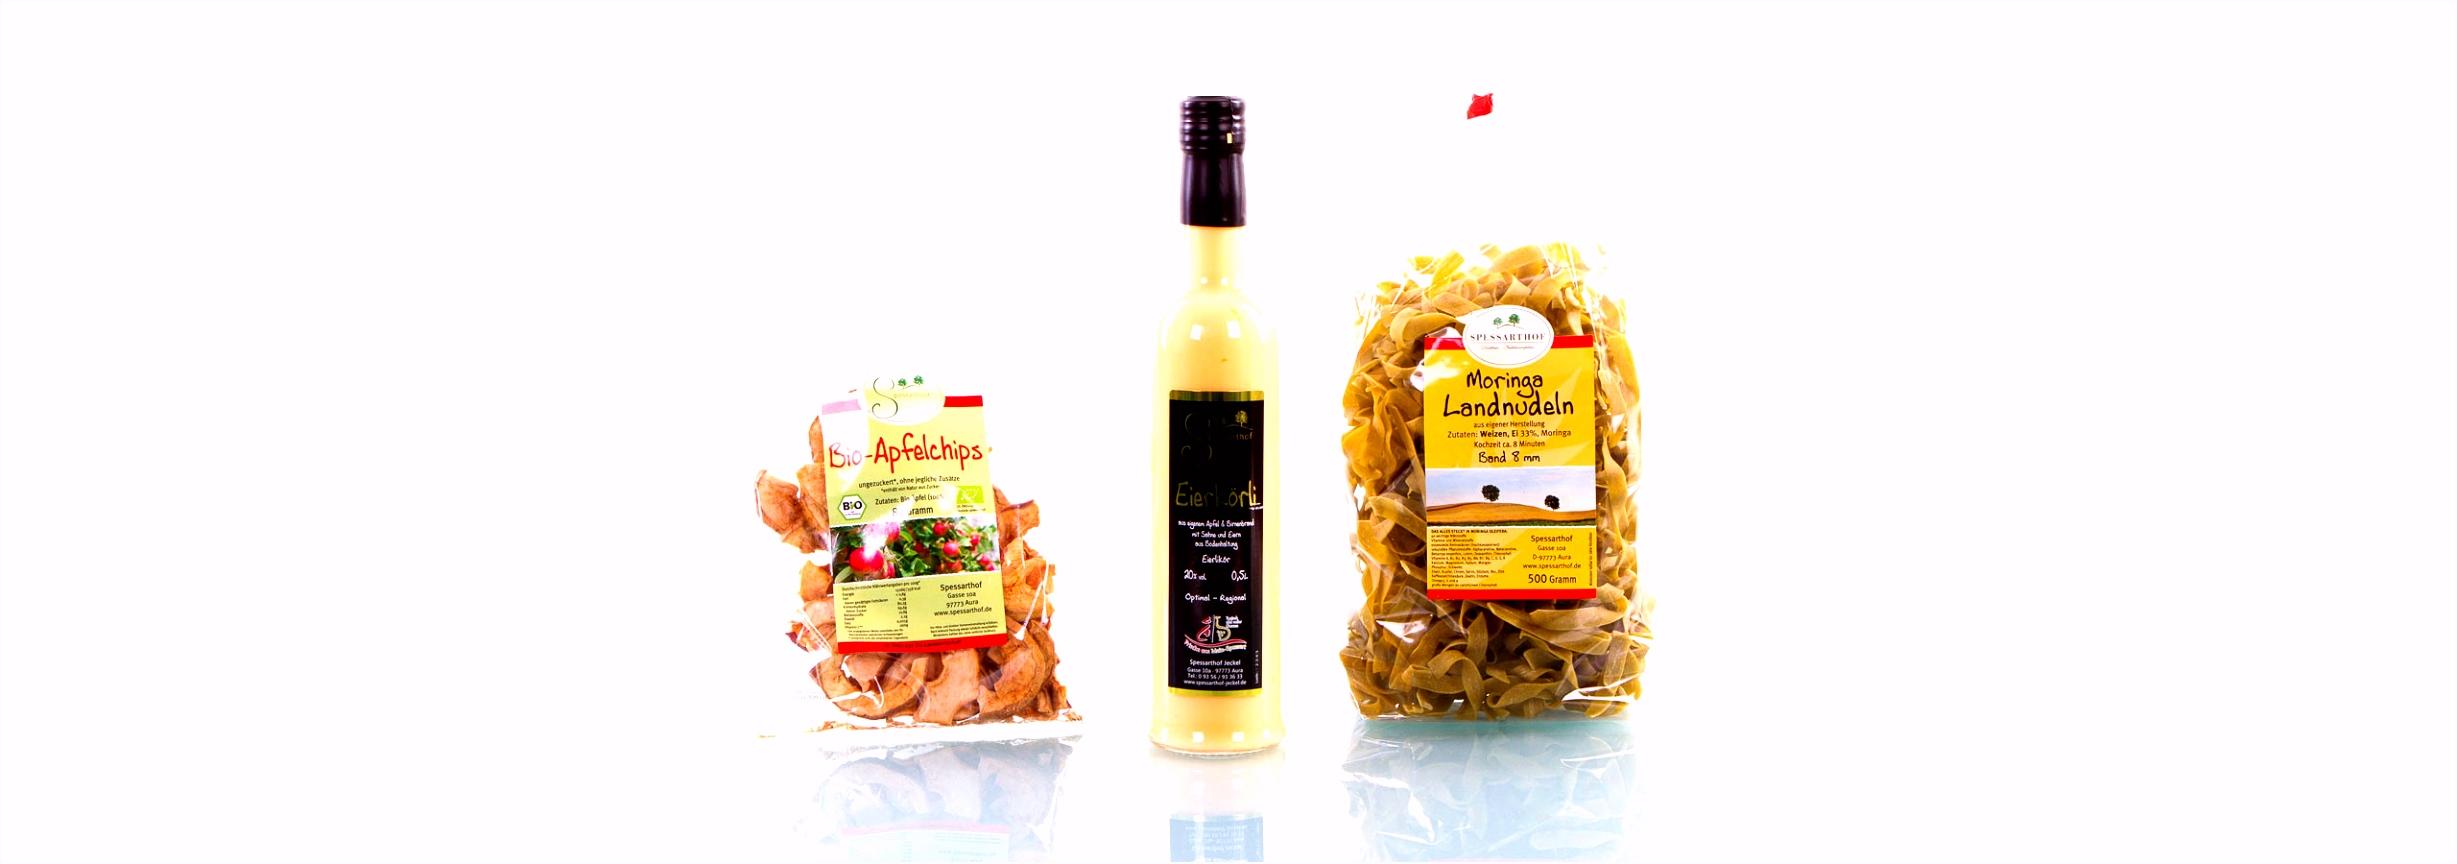 Etiketten Selber Machen Einzigartig Honig Etiketten Selbst Gestalten